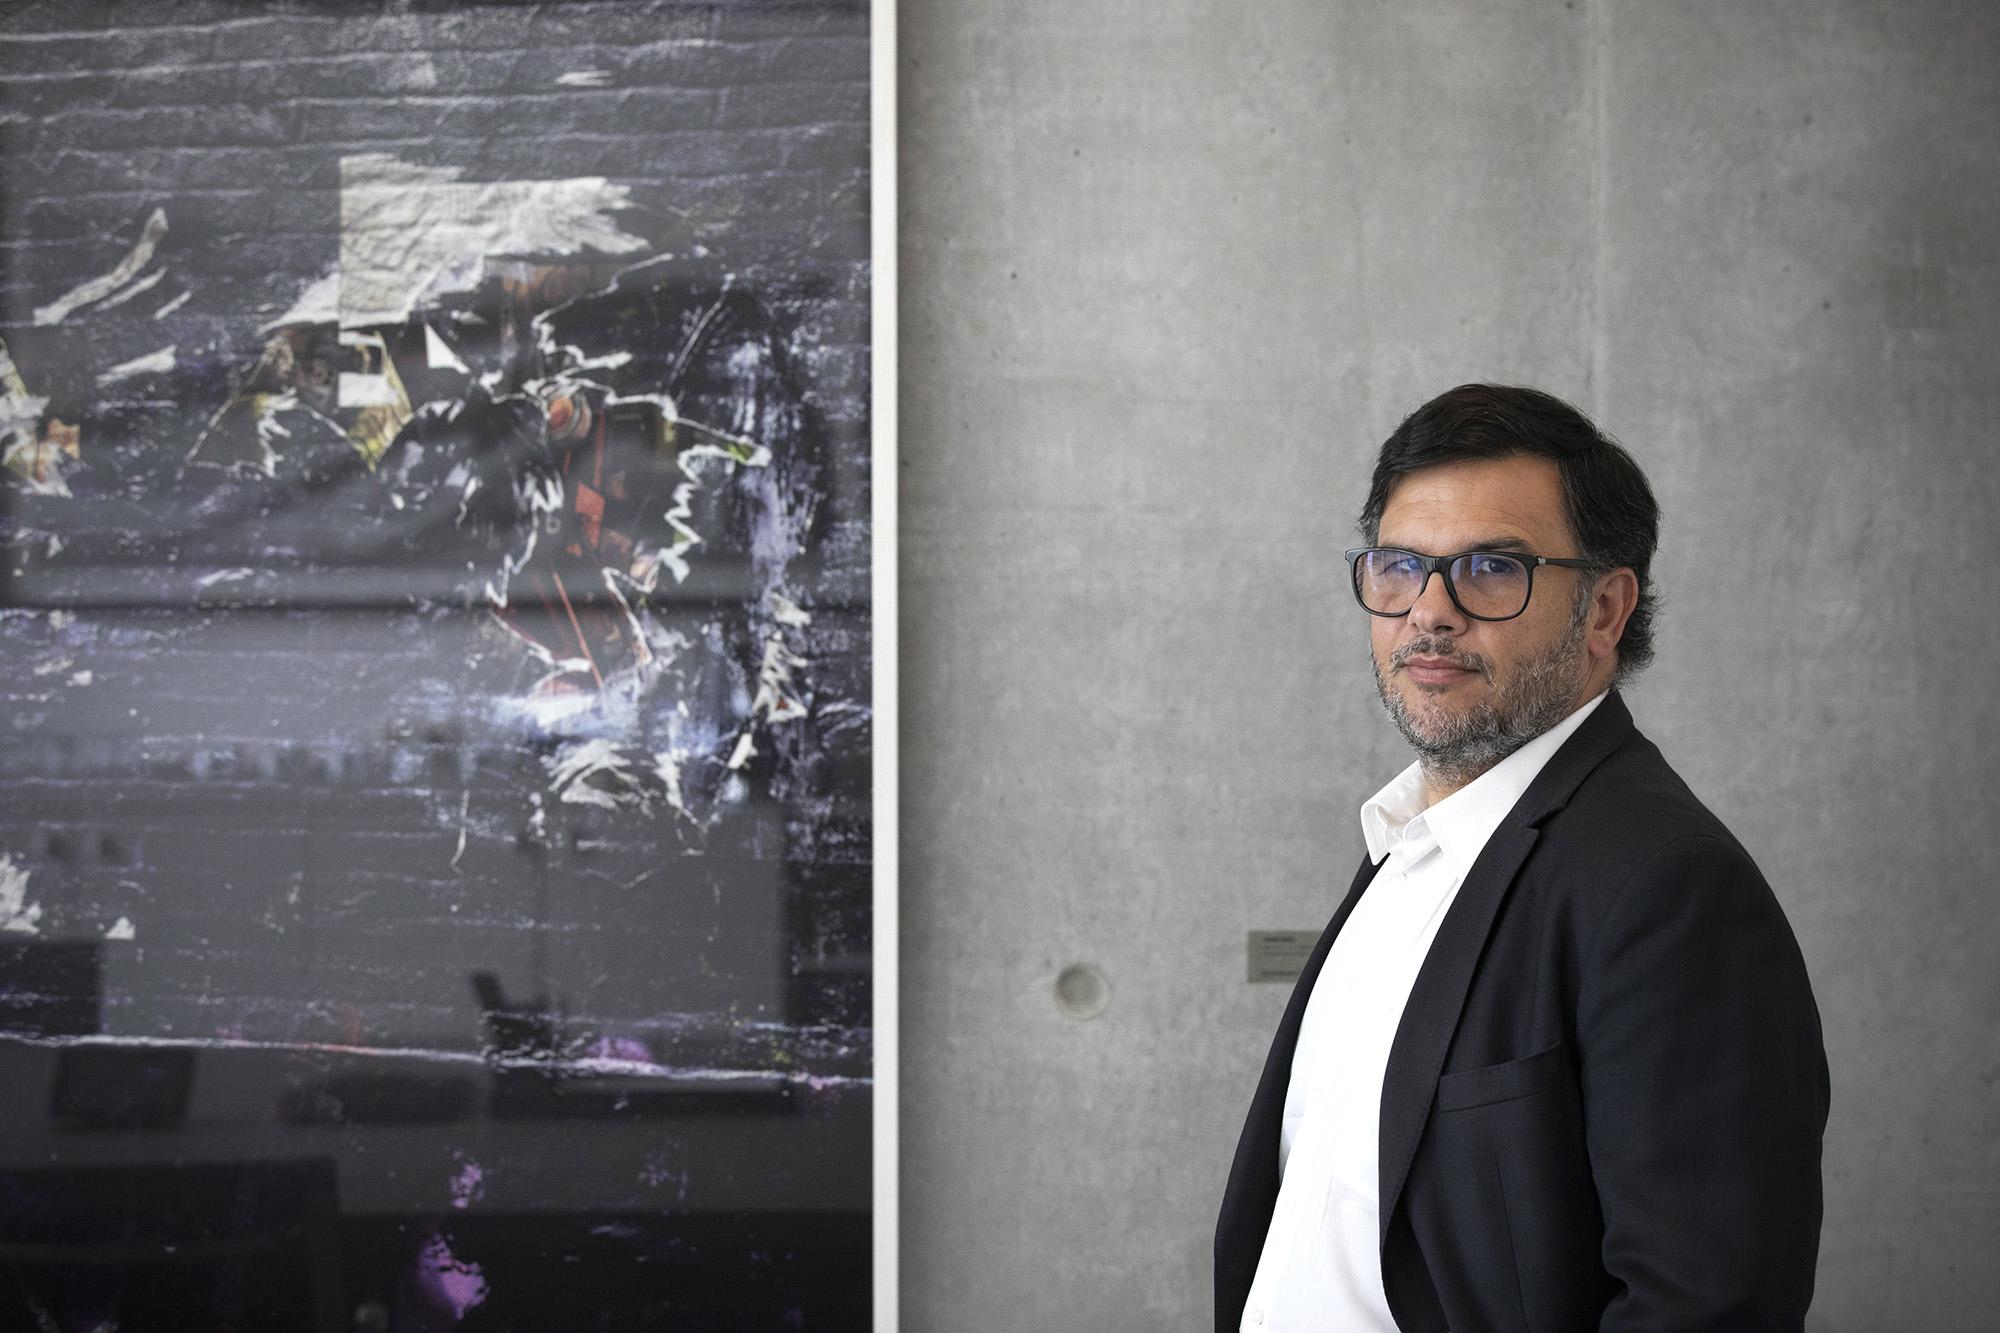 Bruno Ferreira, Managing Partner da PLMJ, em entrevista à Advocatus - 11MAI20